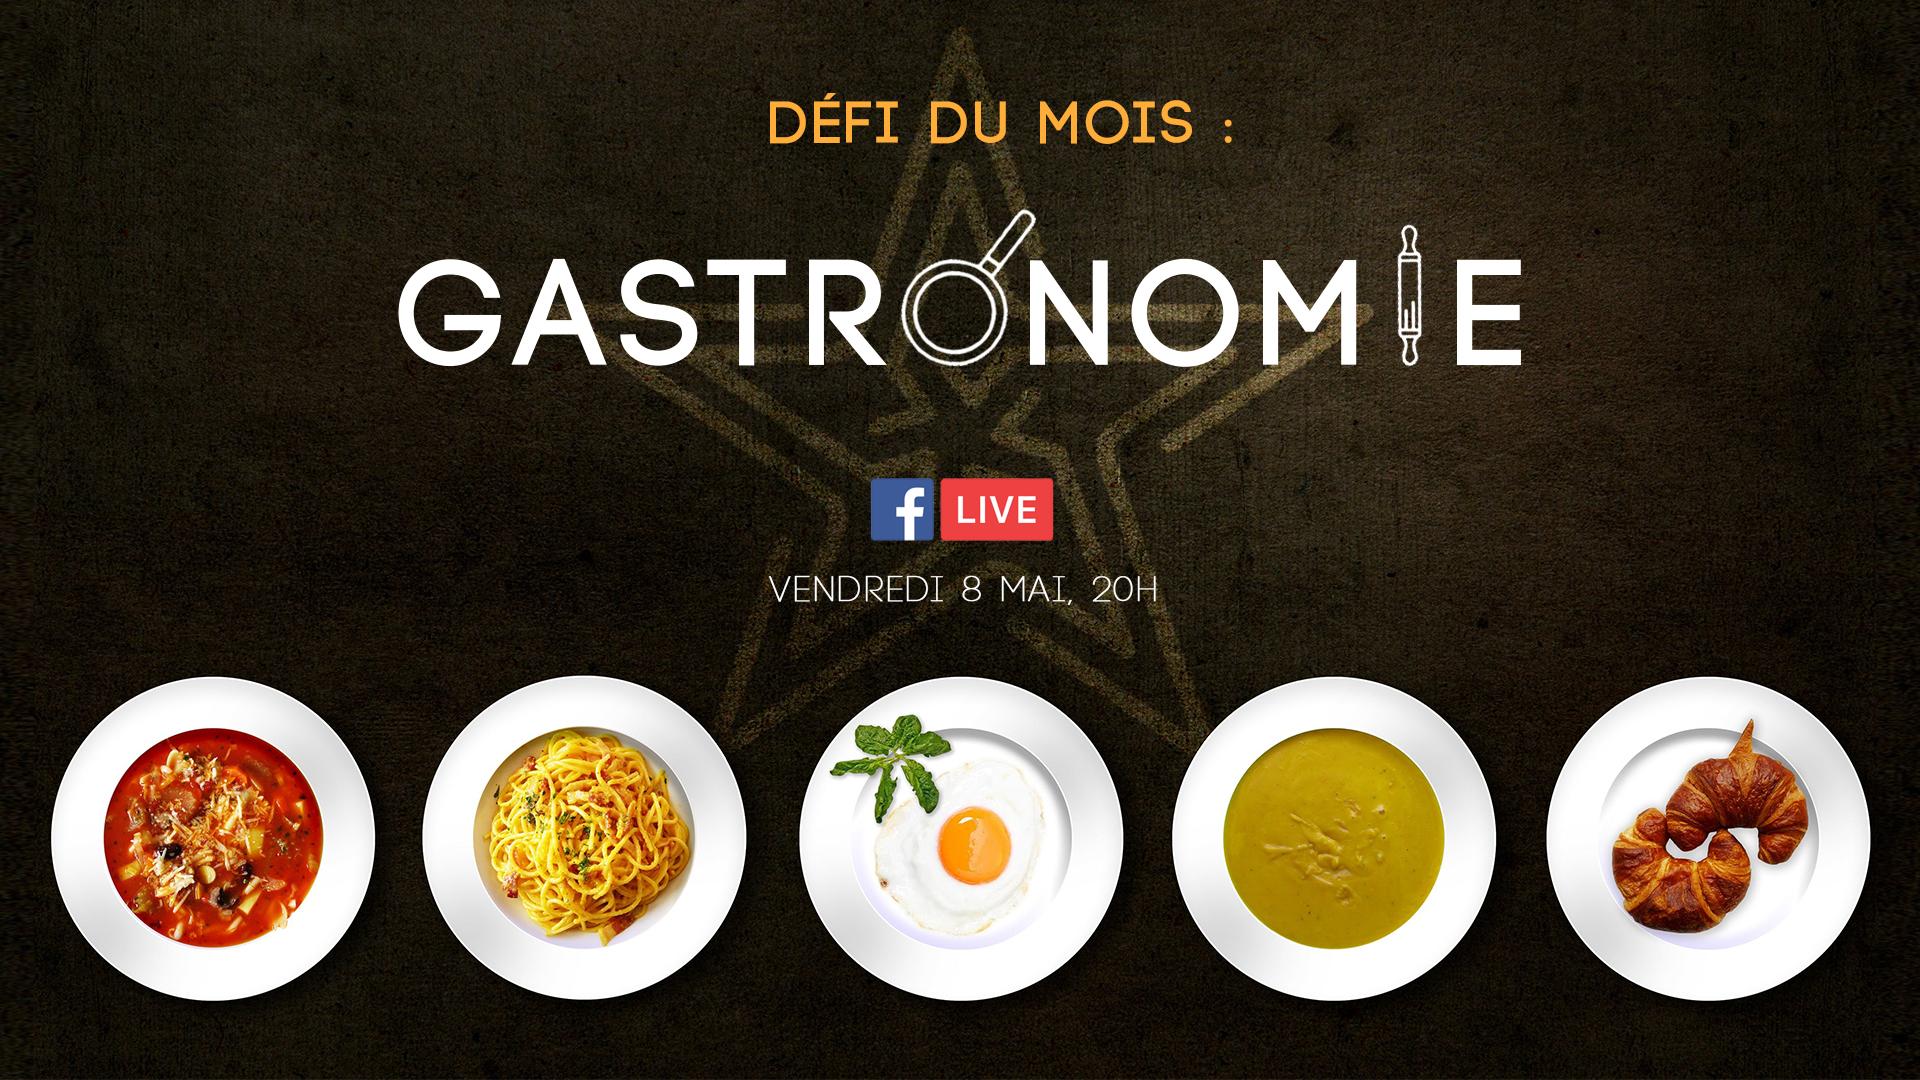 Défi Gastronomie